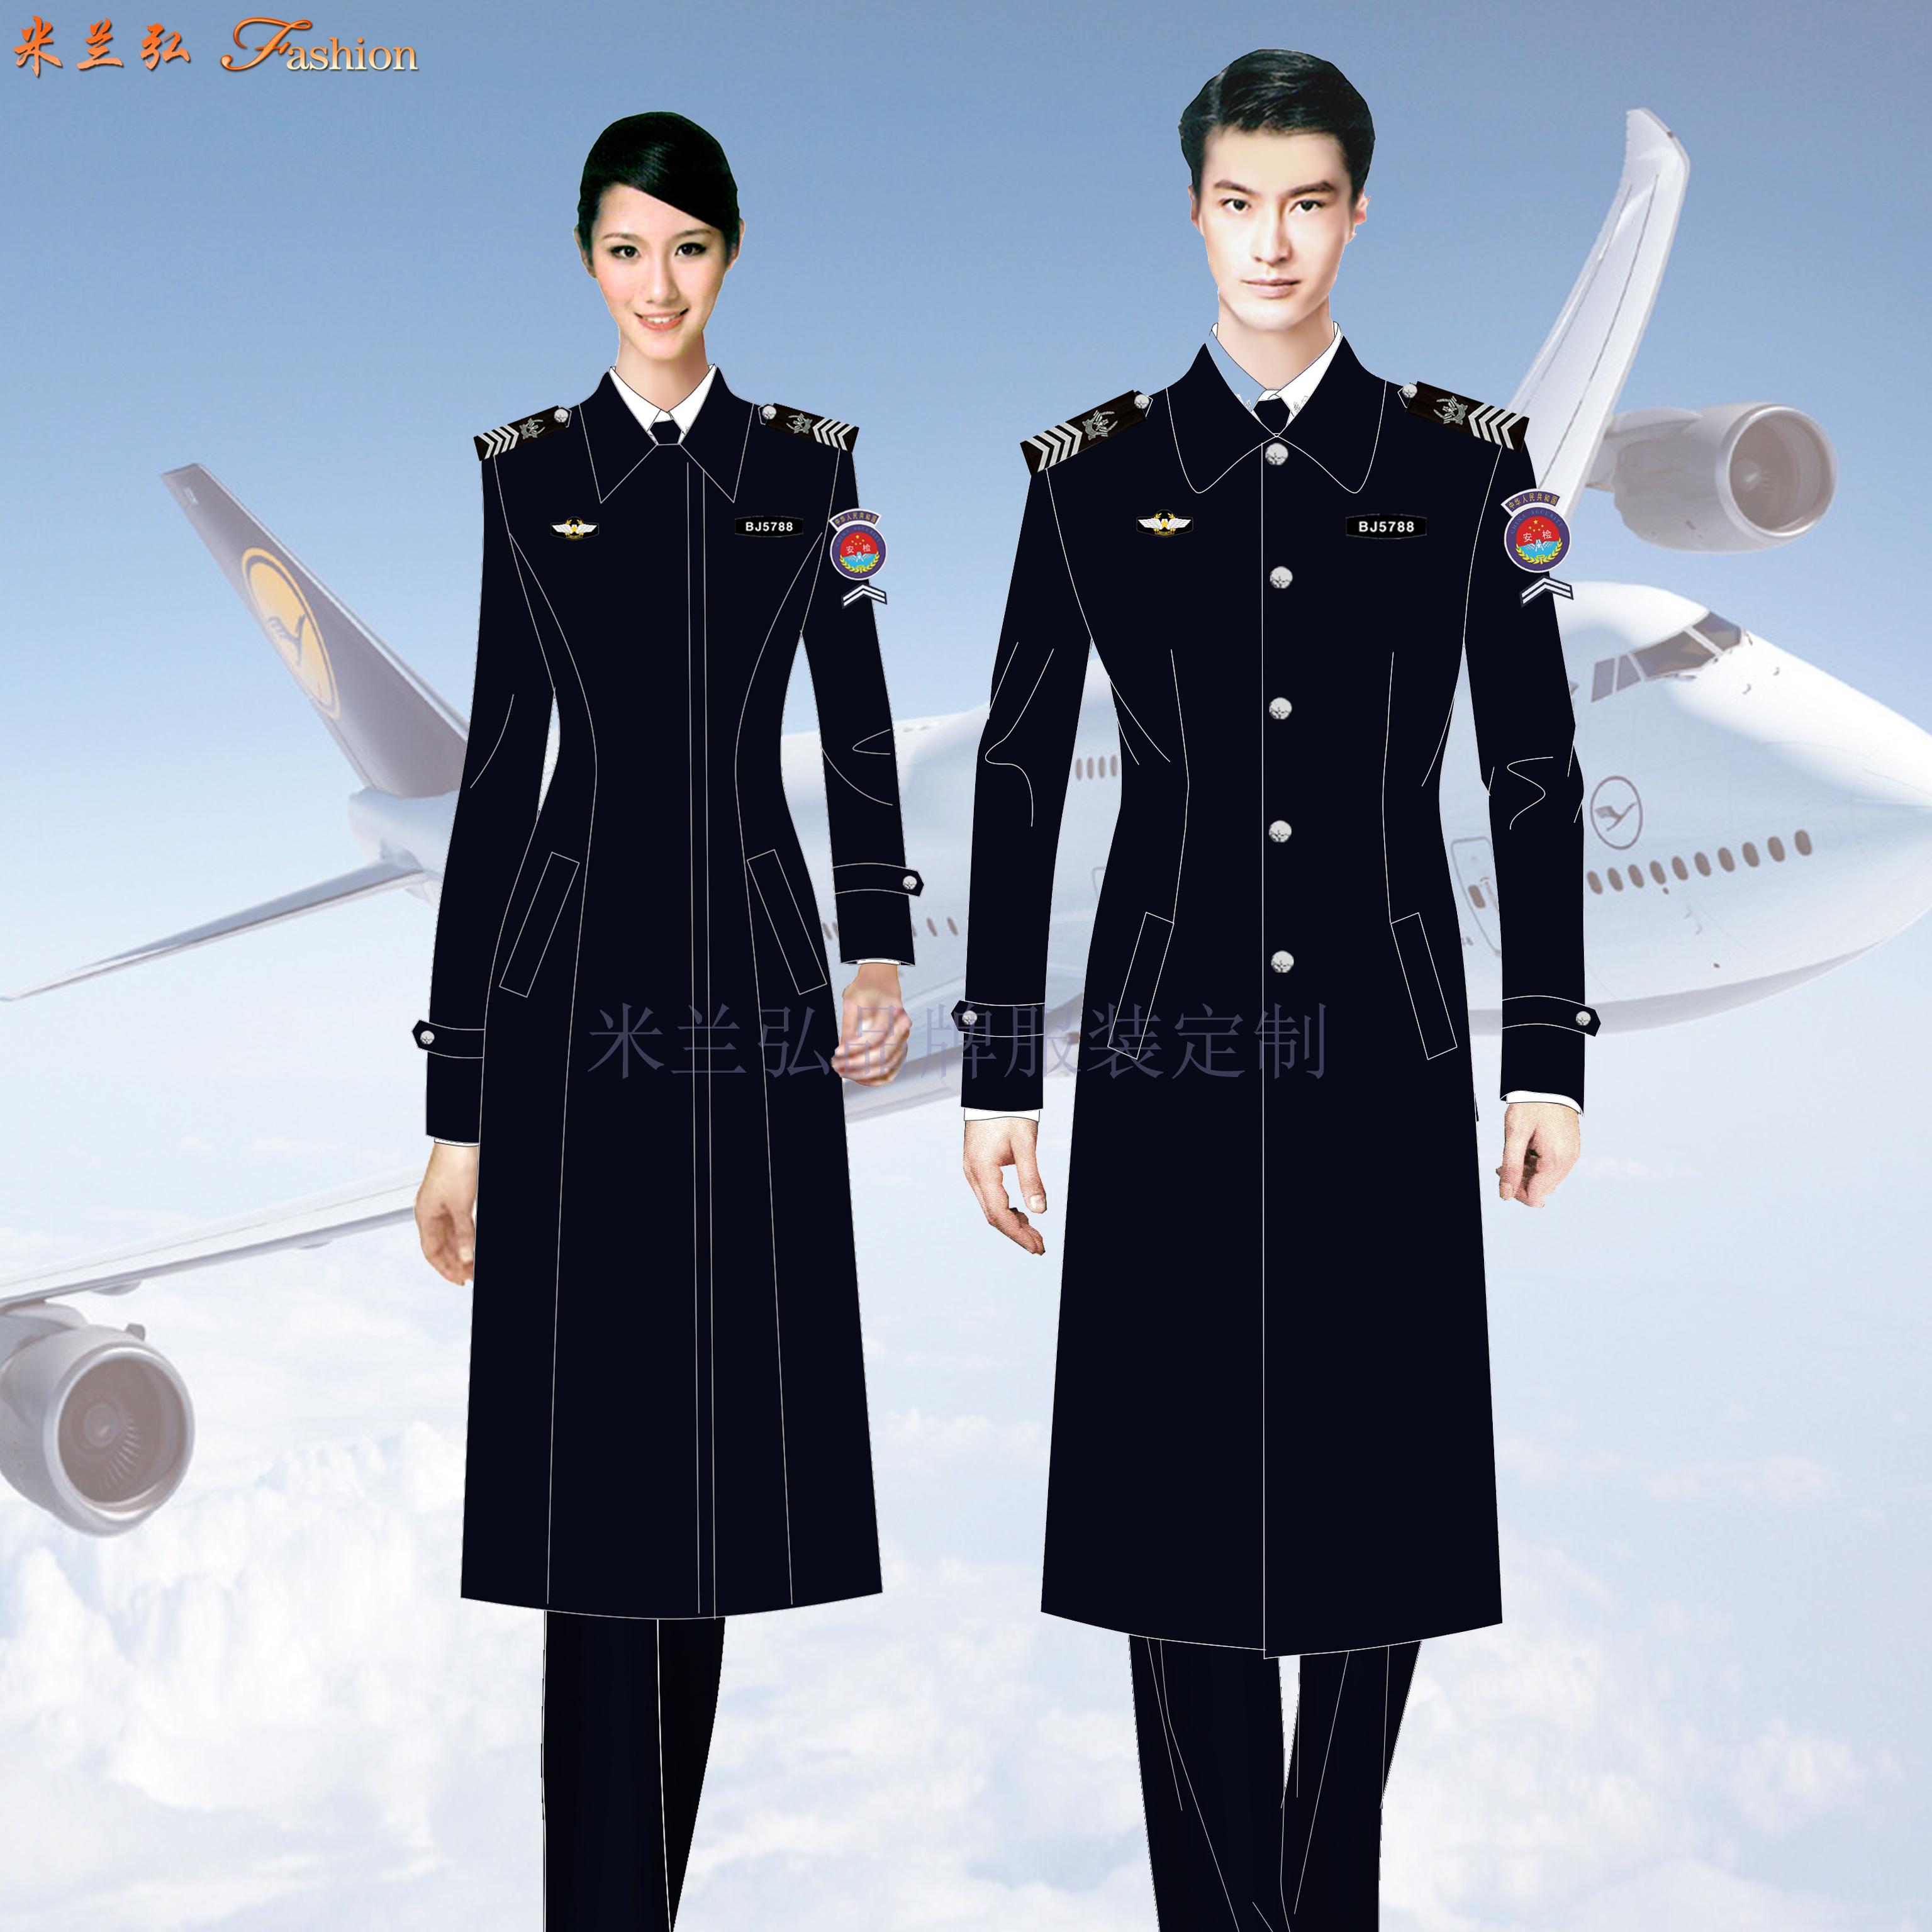 安检服羊毛大衣定做_机场安检员大衣订制_民航安检棉服定制-3